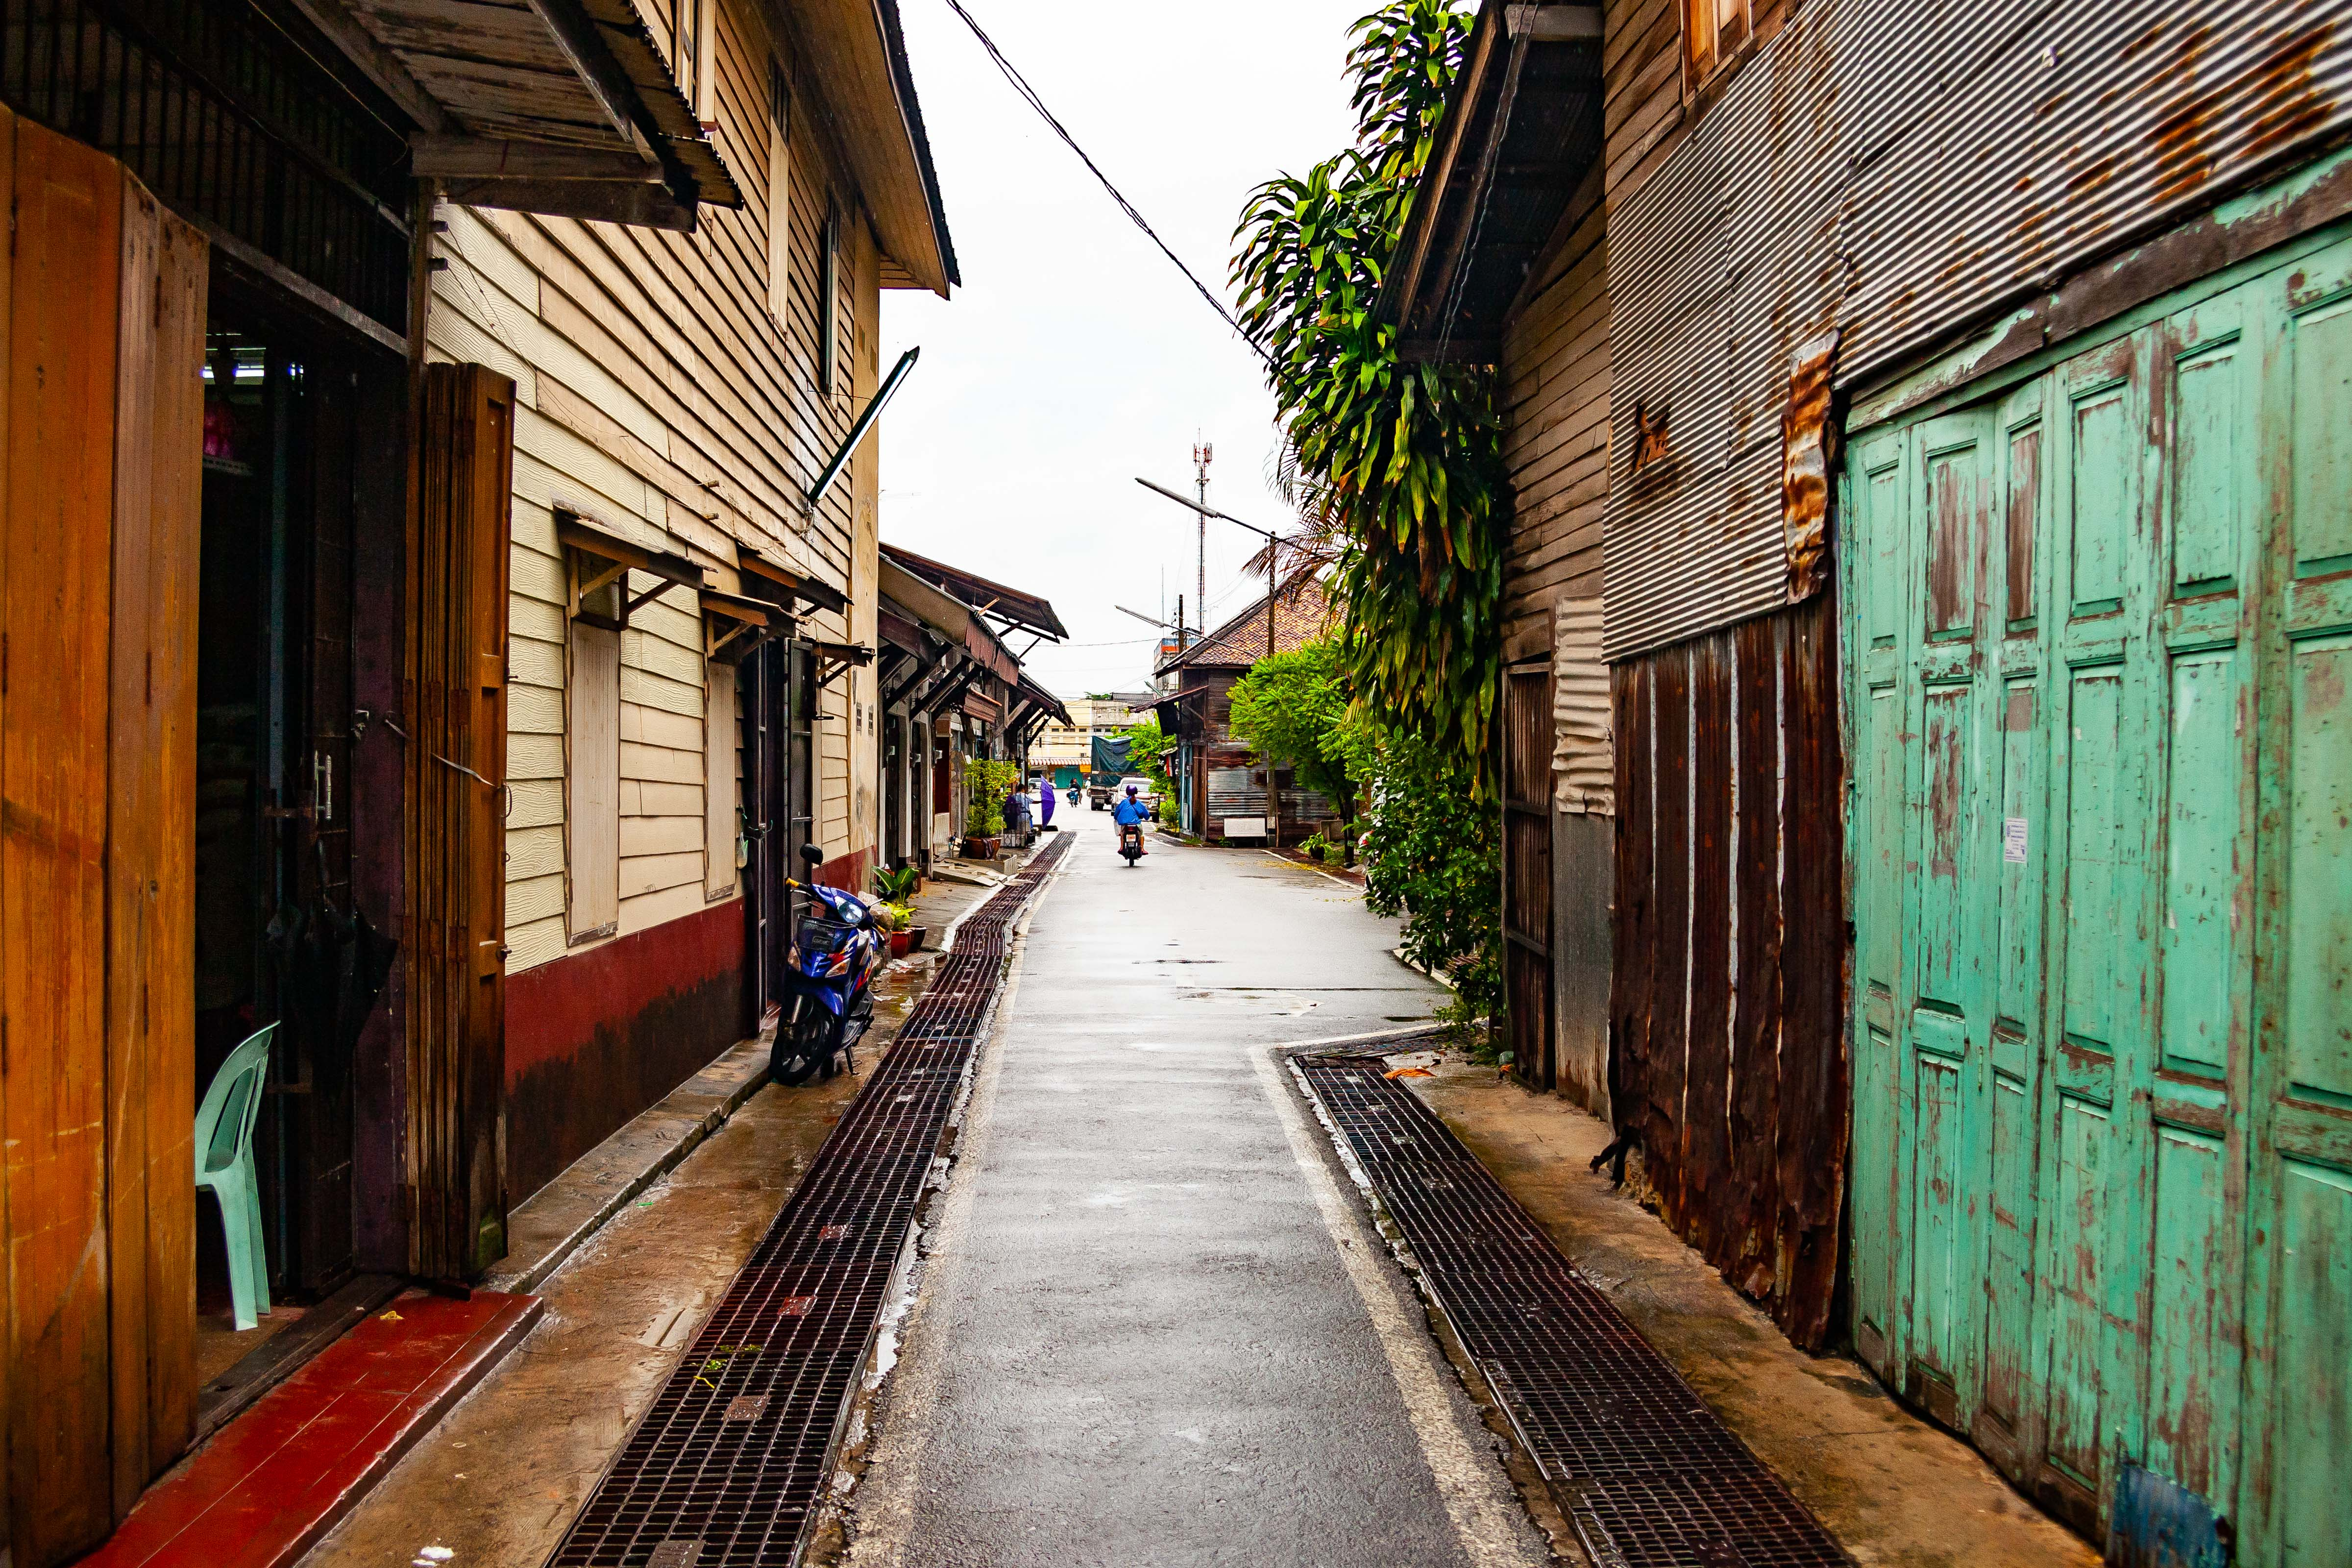 Thailand, Narathiwat Prov, Alley, 2008, IMG 1661